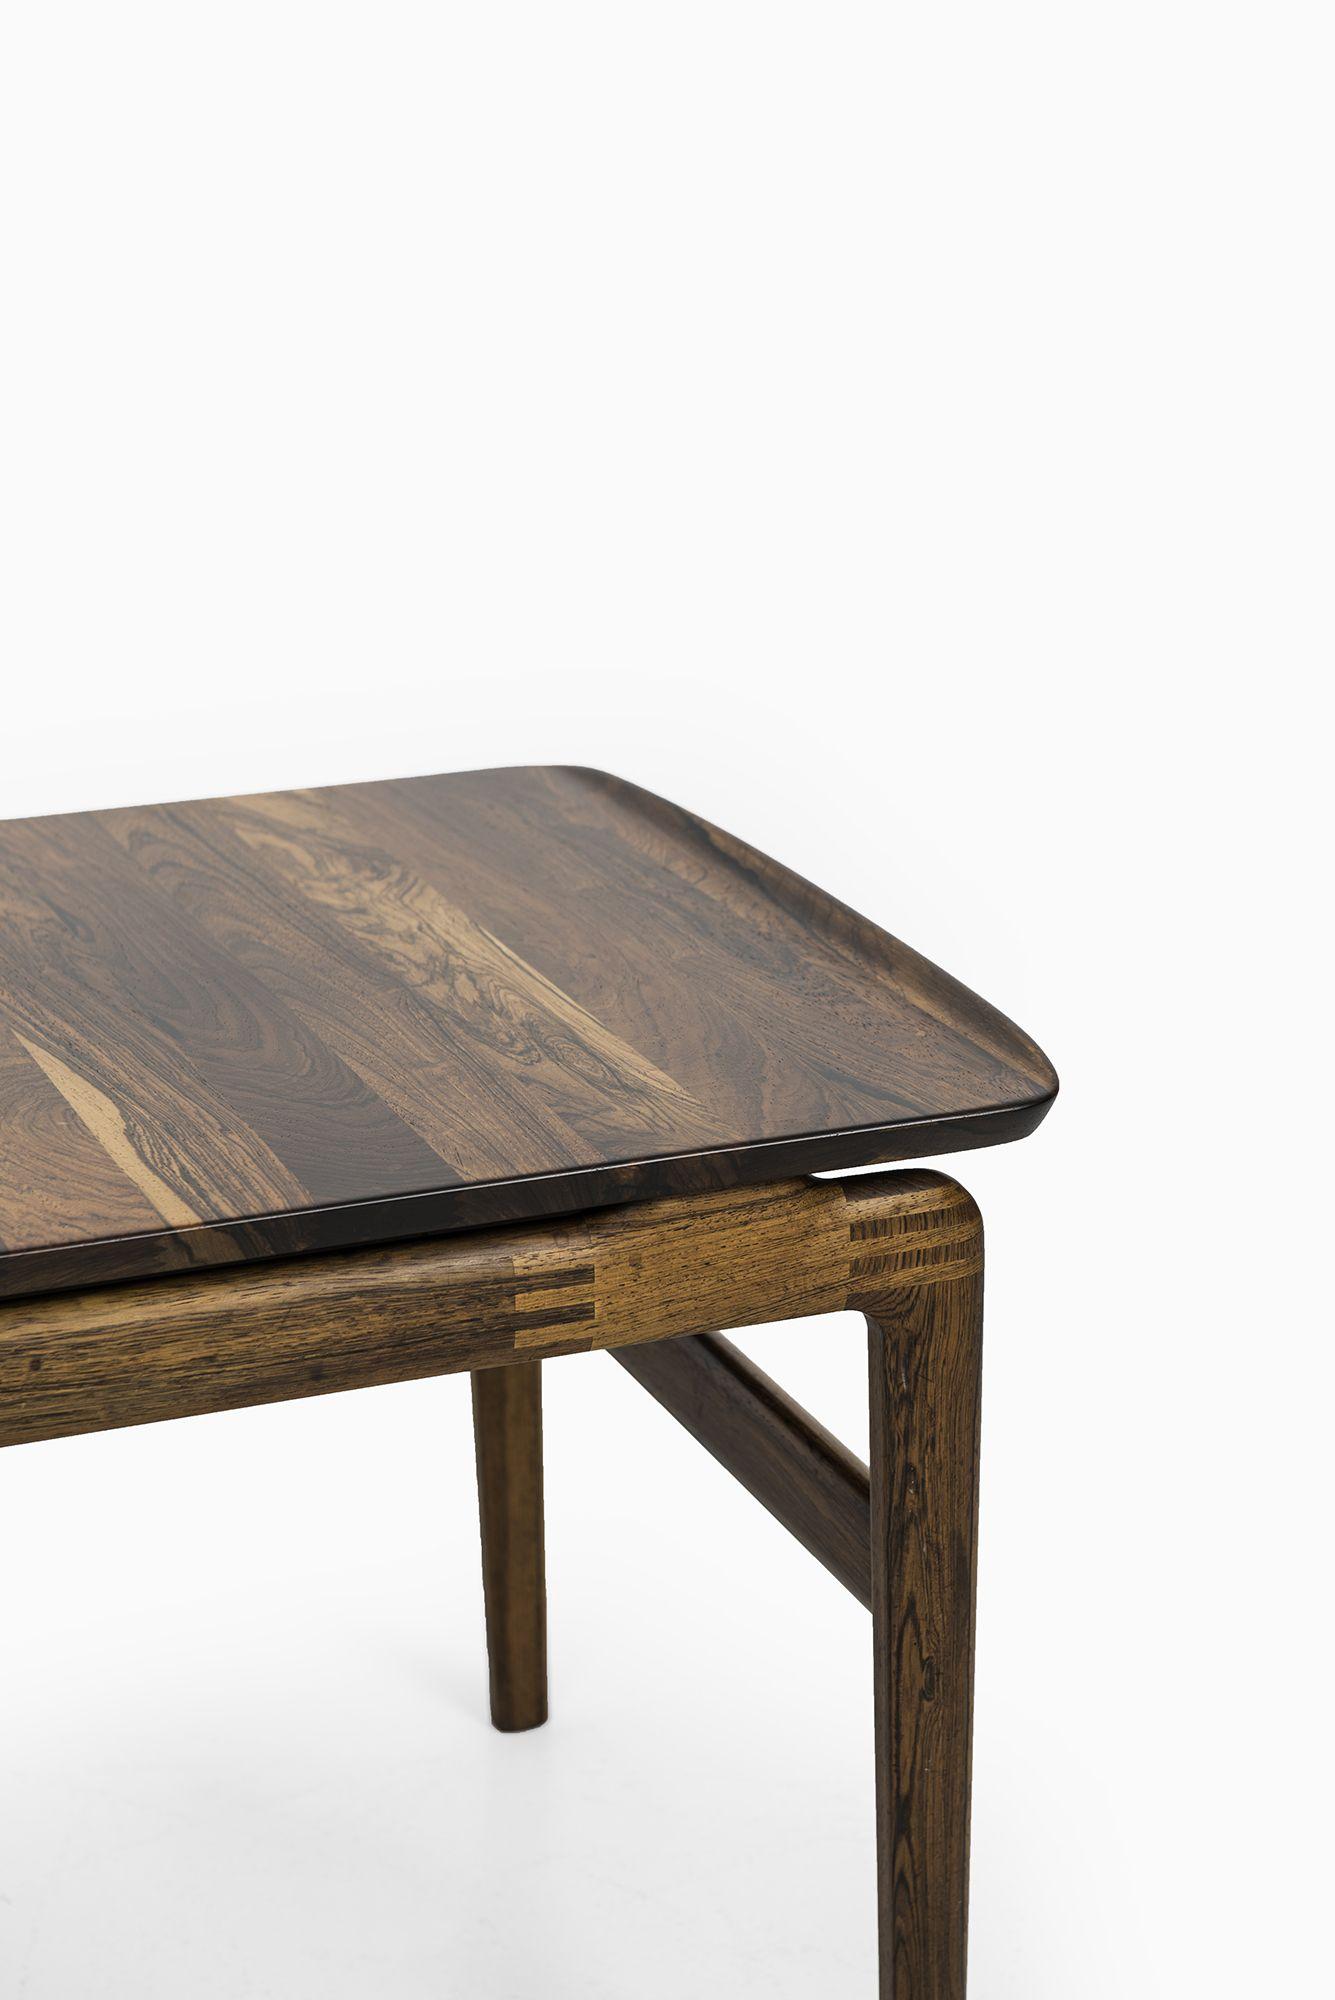 Peter Hvidt Orla Molgaard Nielsen Coffee Table Studio Schalling Coffee Table Entry Furniture Oak Coffee Table [ 2000 x 1335 Pixel ]